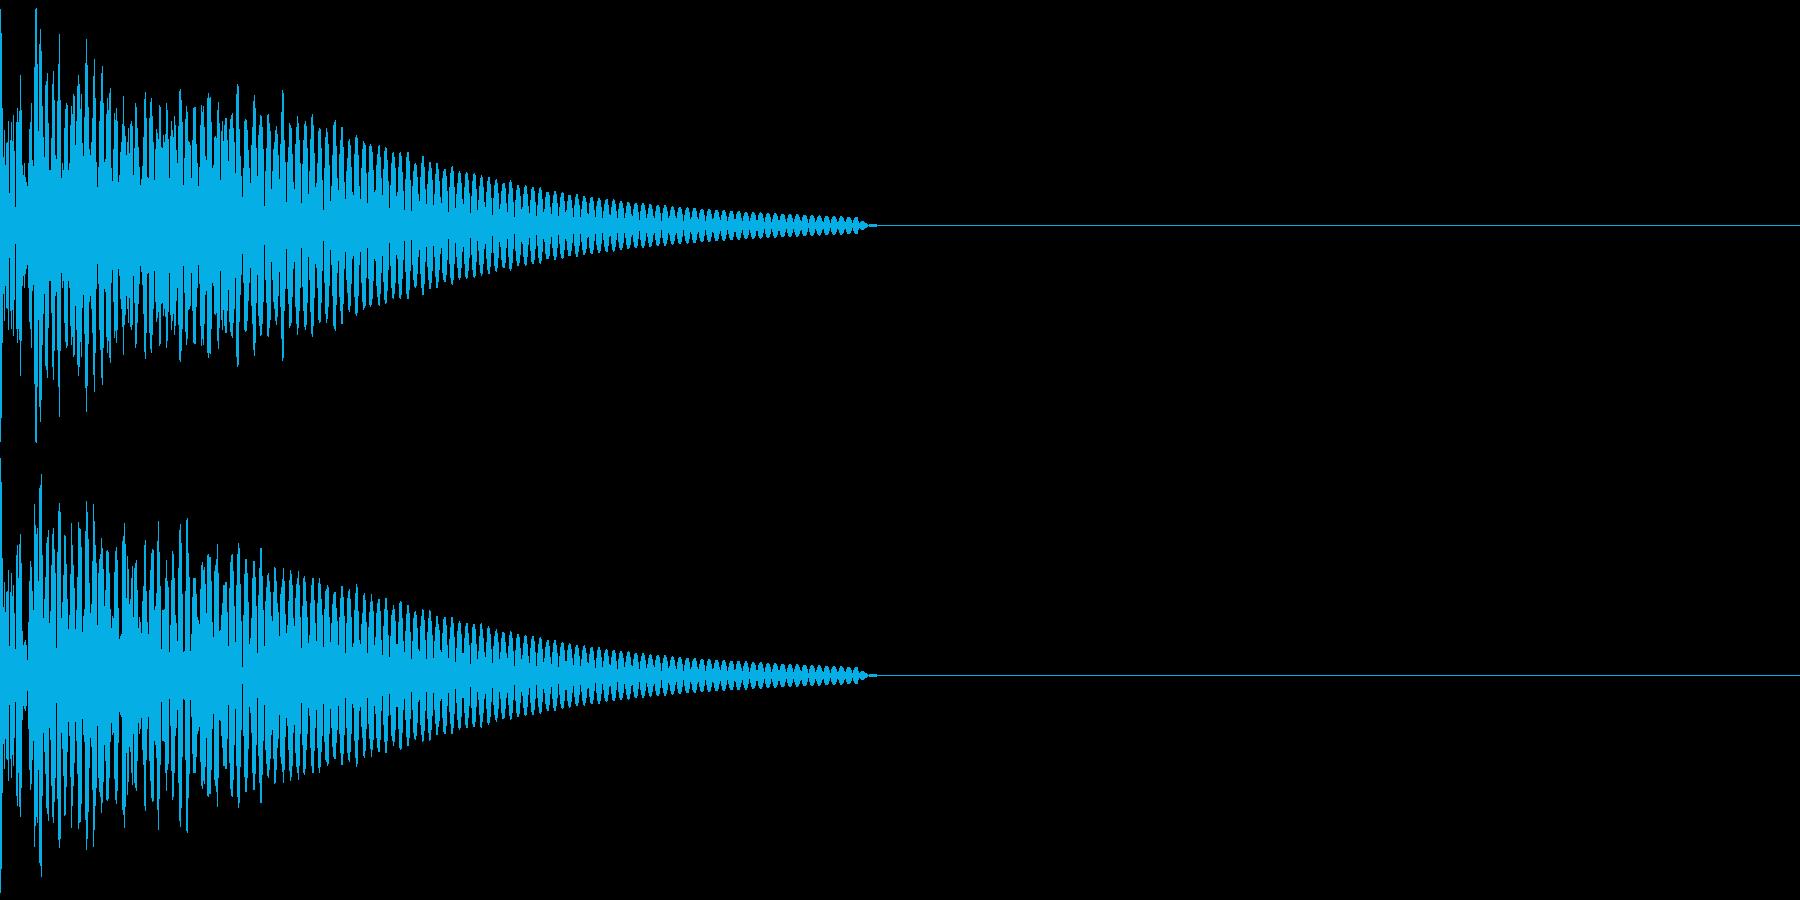 キック/壮大/広範囲/ドラム/低音/1Cの再生済みの波形